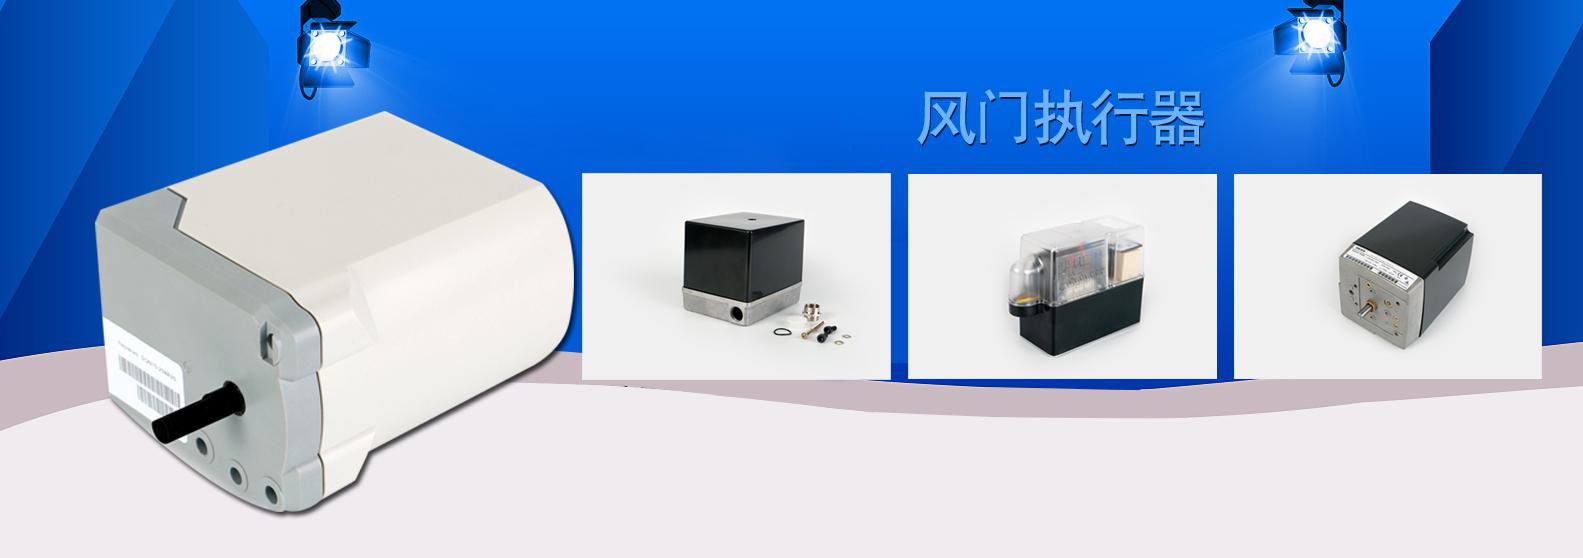 亞遊(福建)燃烧设备有限公司